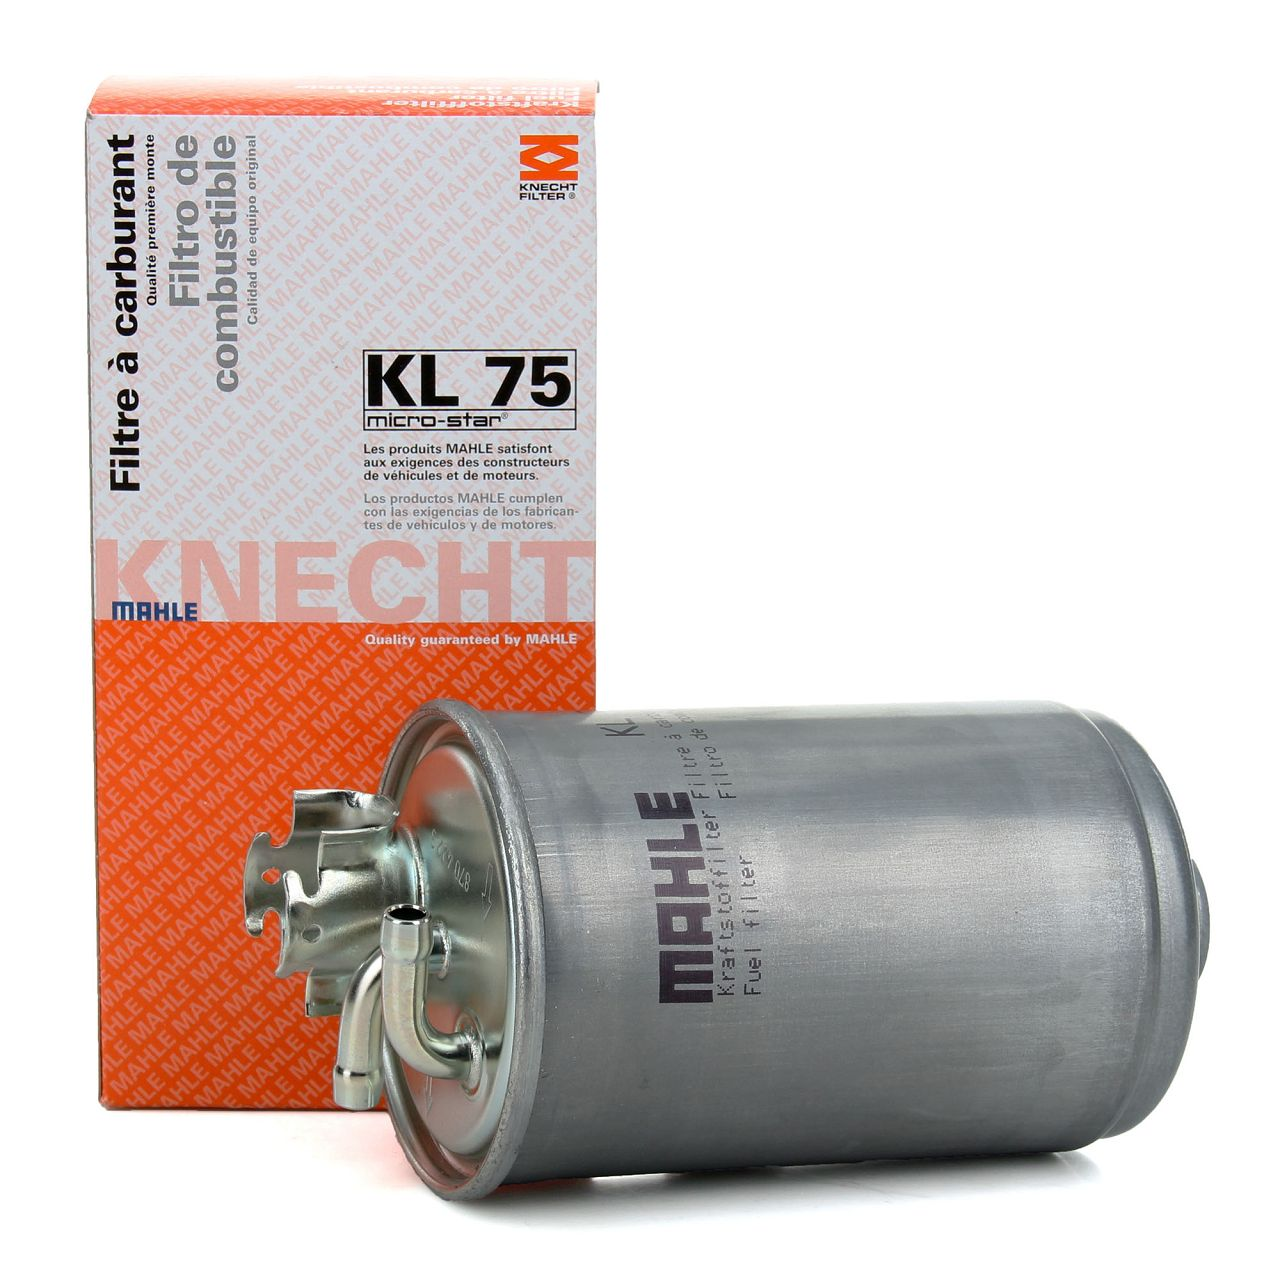 KNECHT / MAHLE Kraftstofffilter Dieselfilter für Seat Ibiza VW Golf 2 3 4 Polo